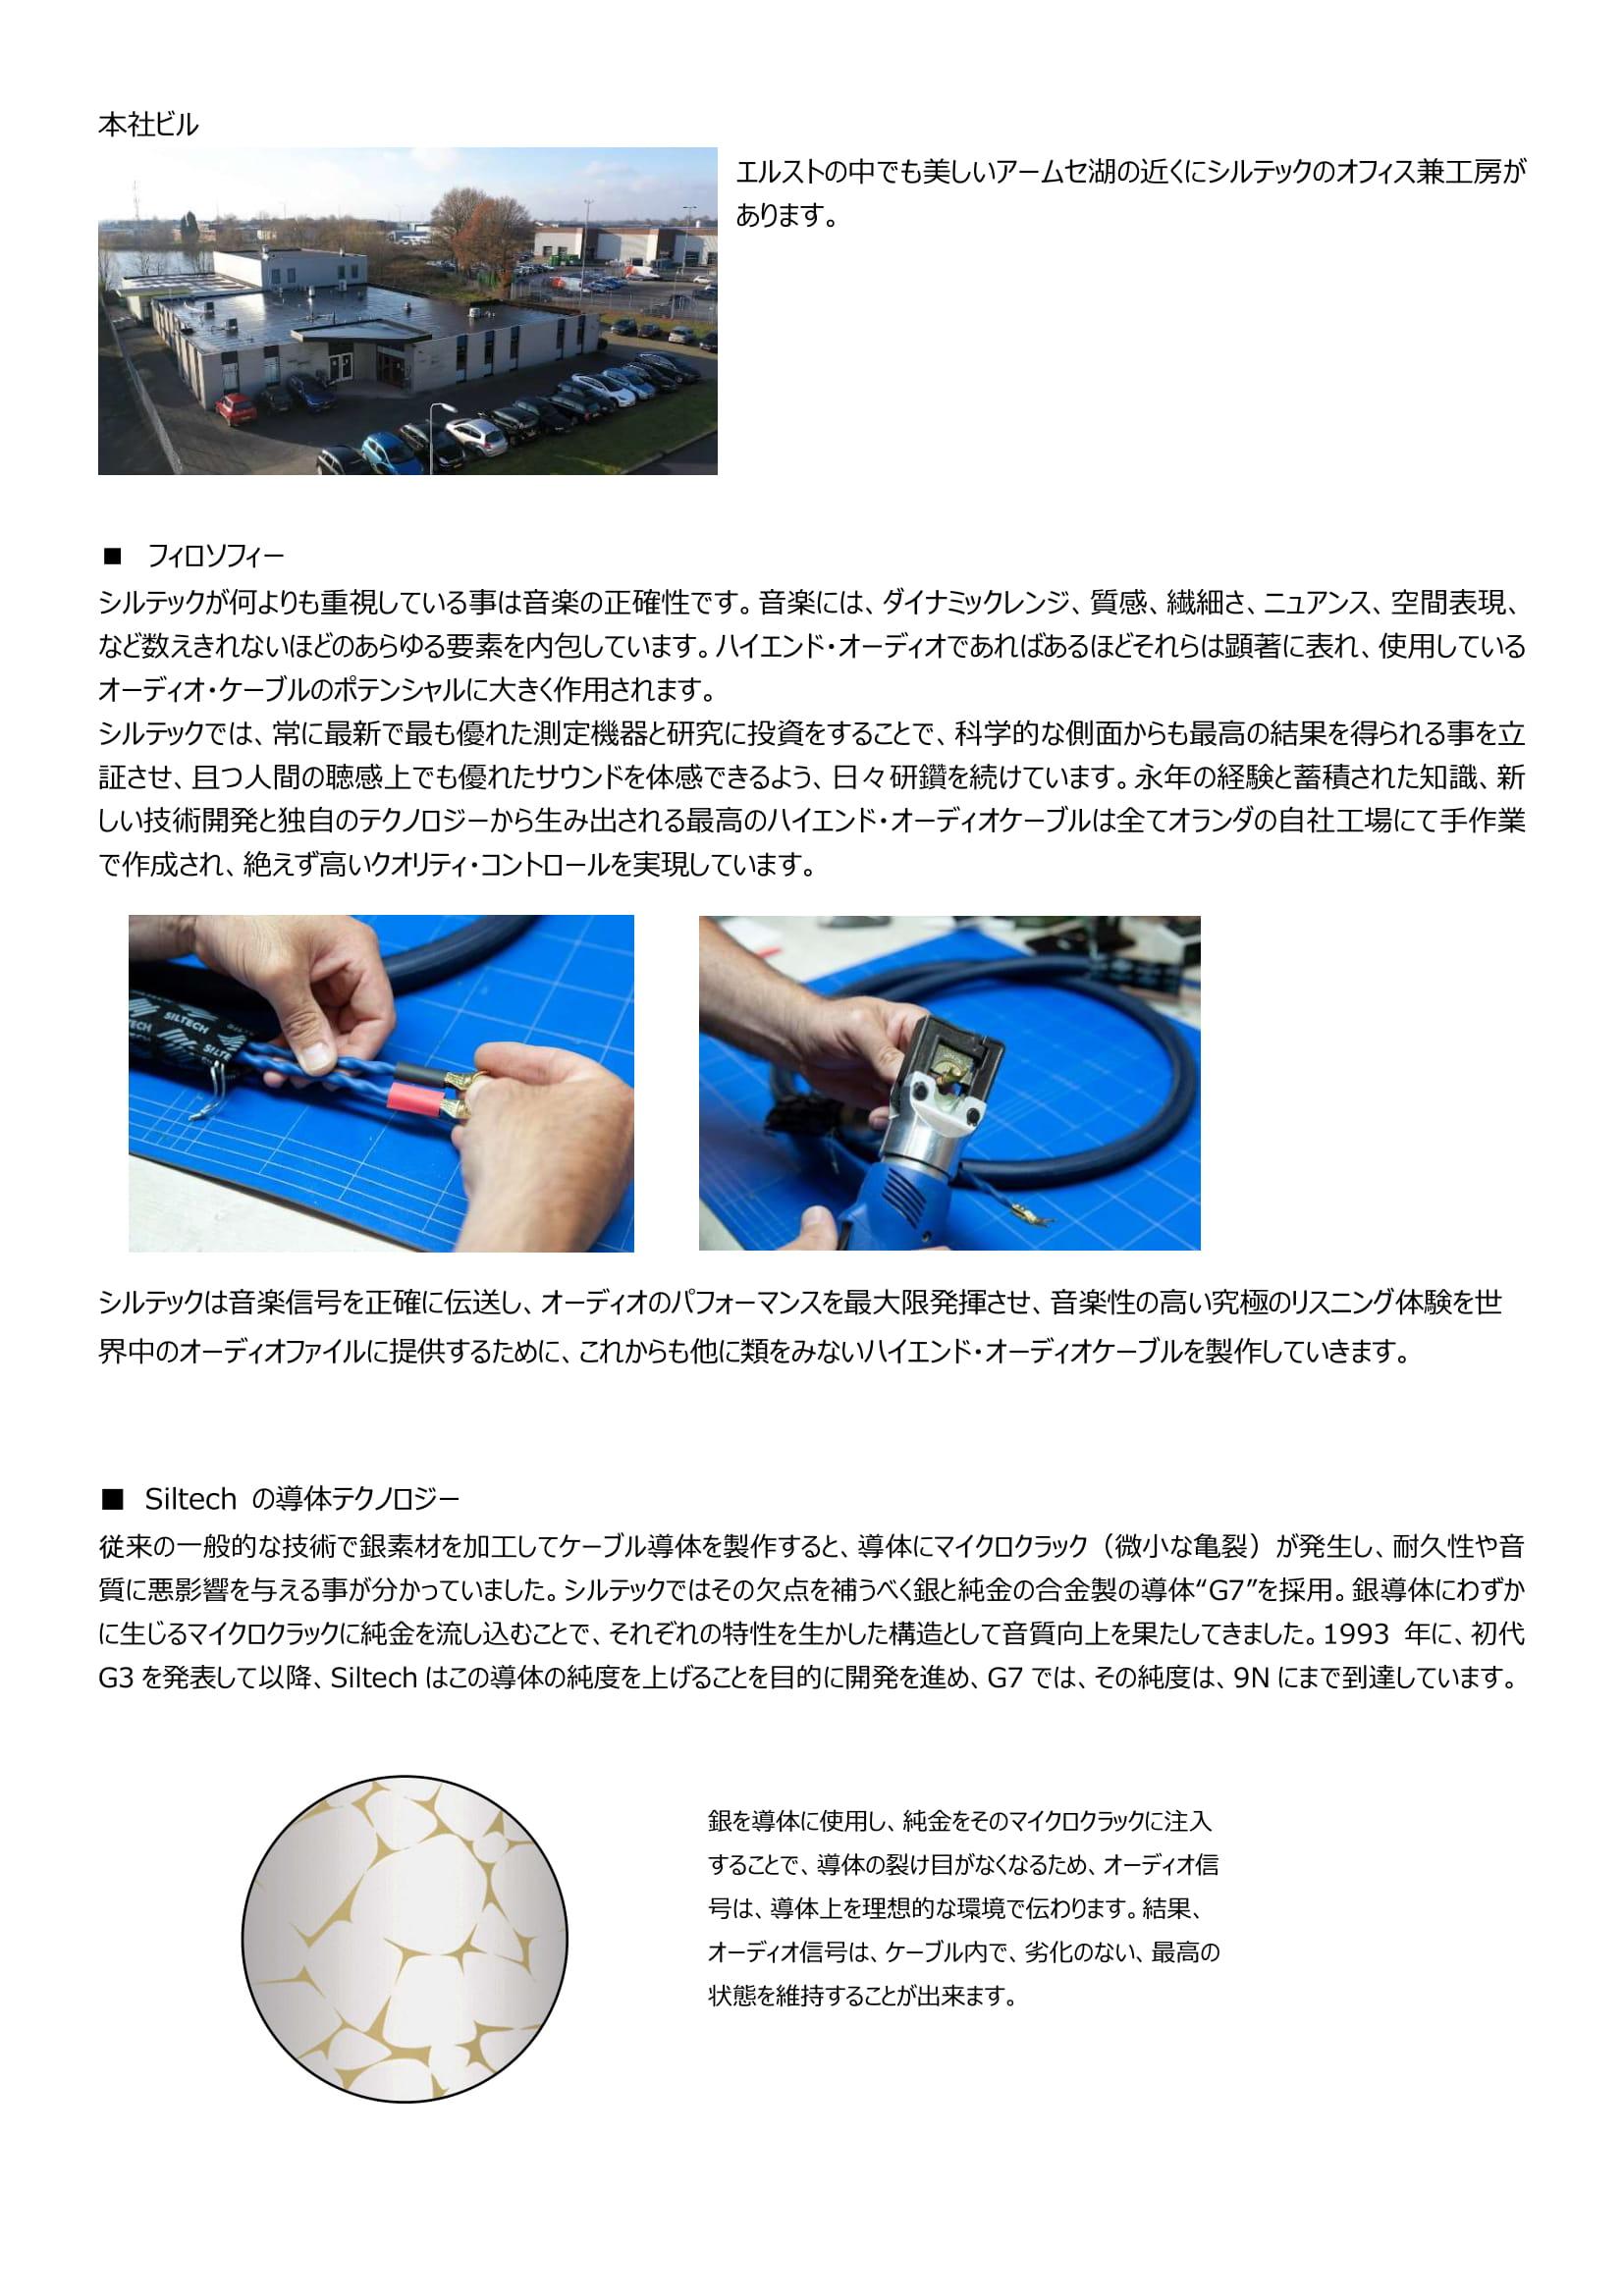 【Siltech】Explore SG_01192021-2